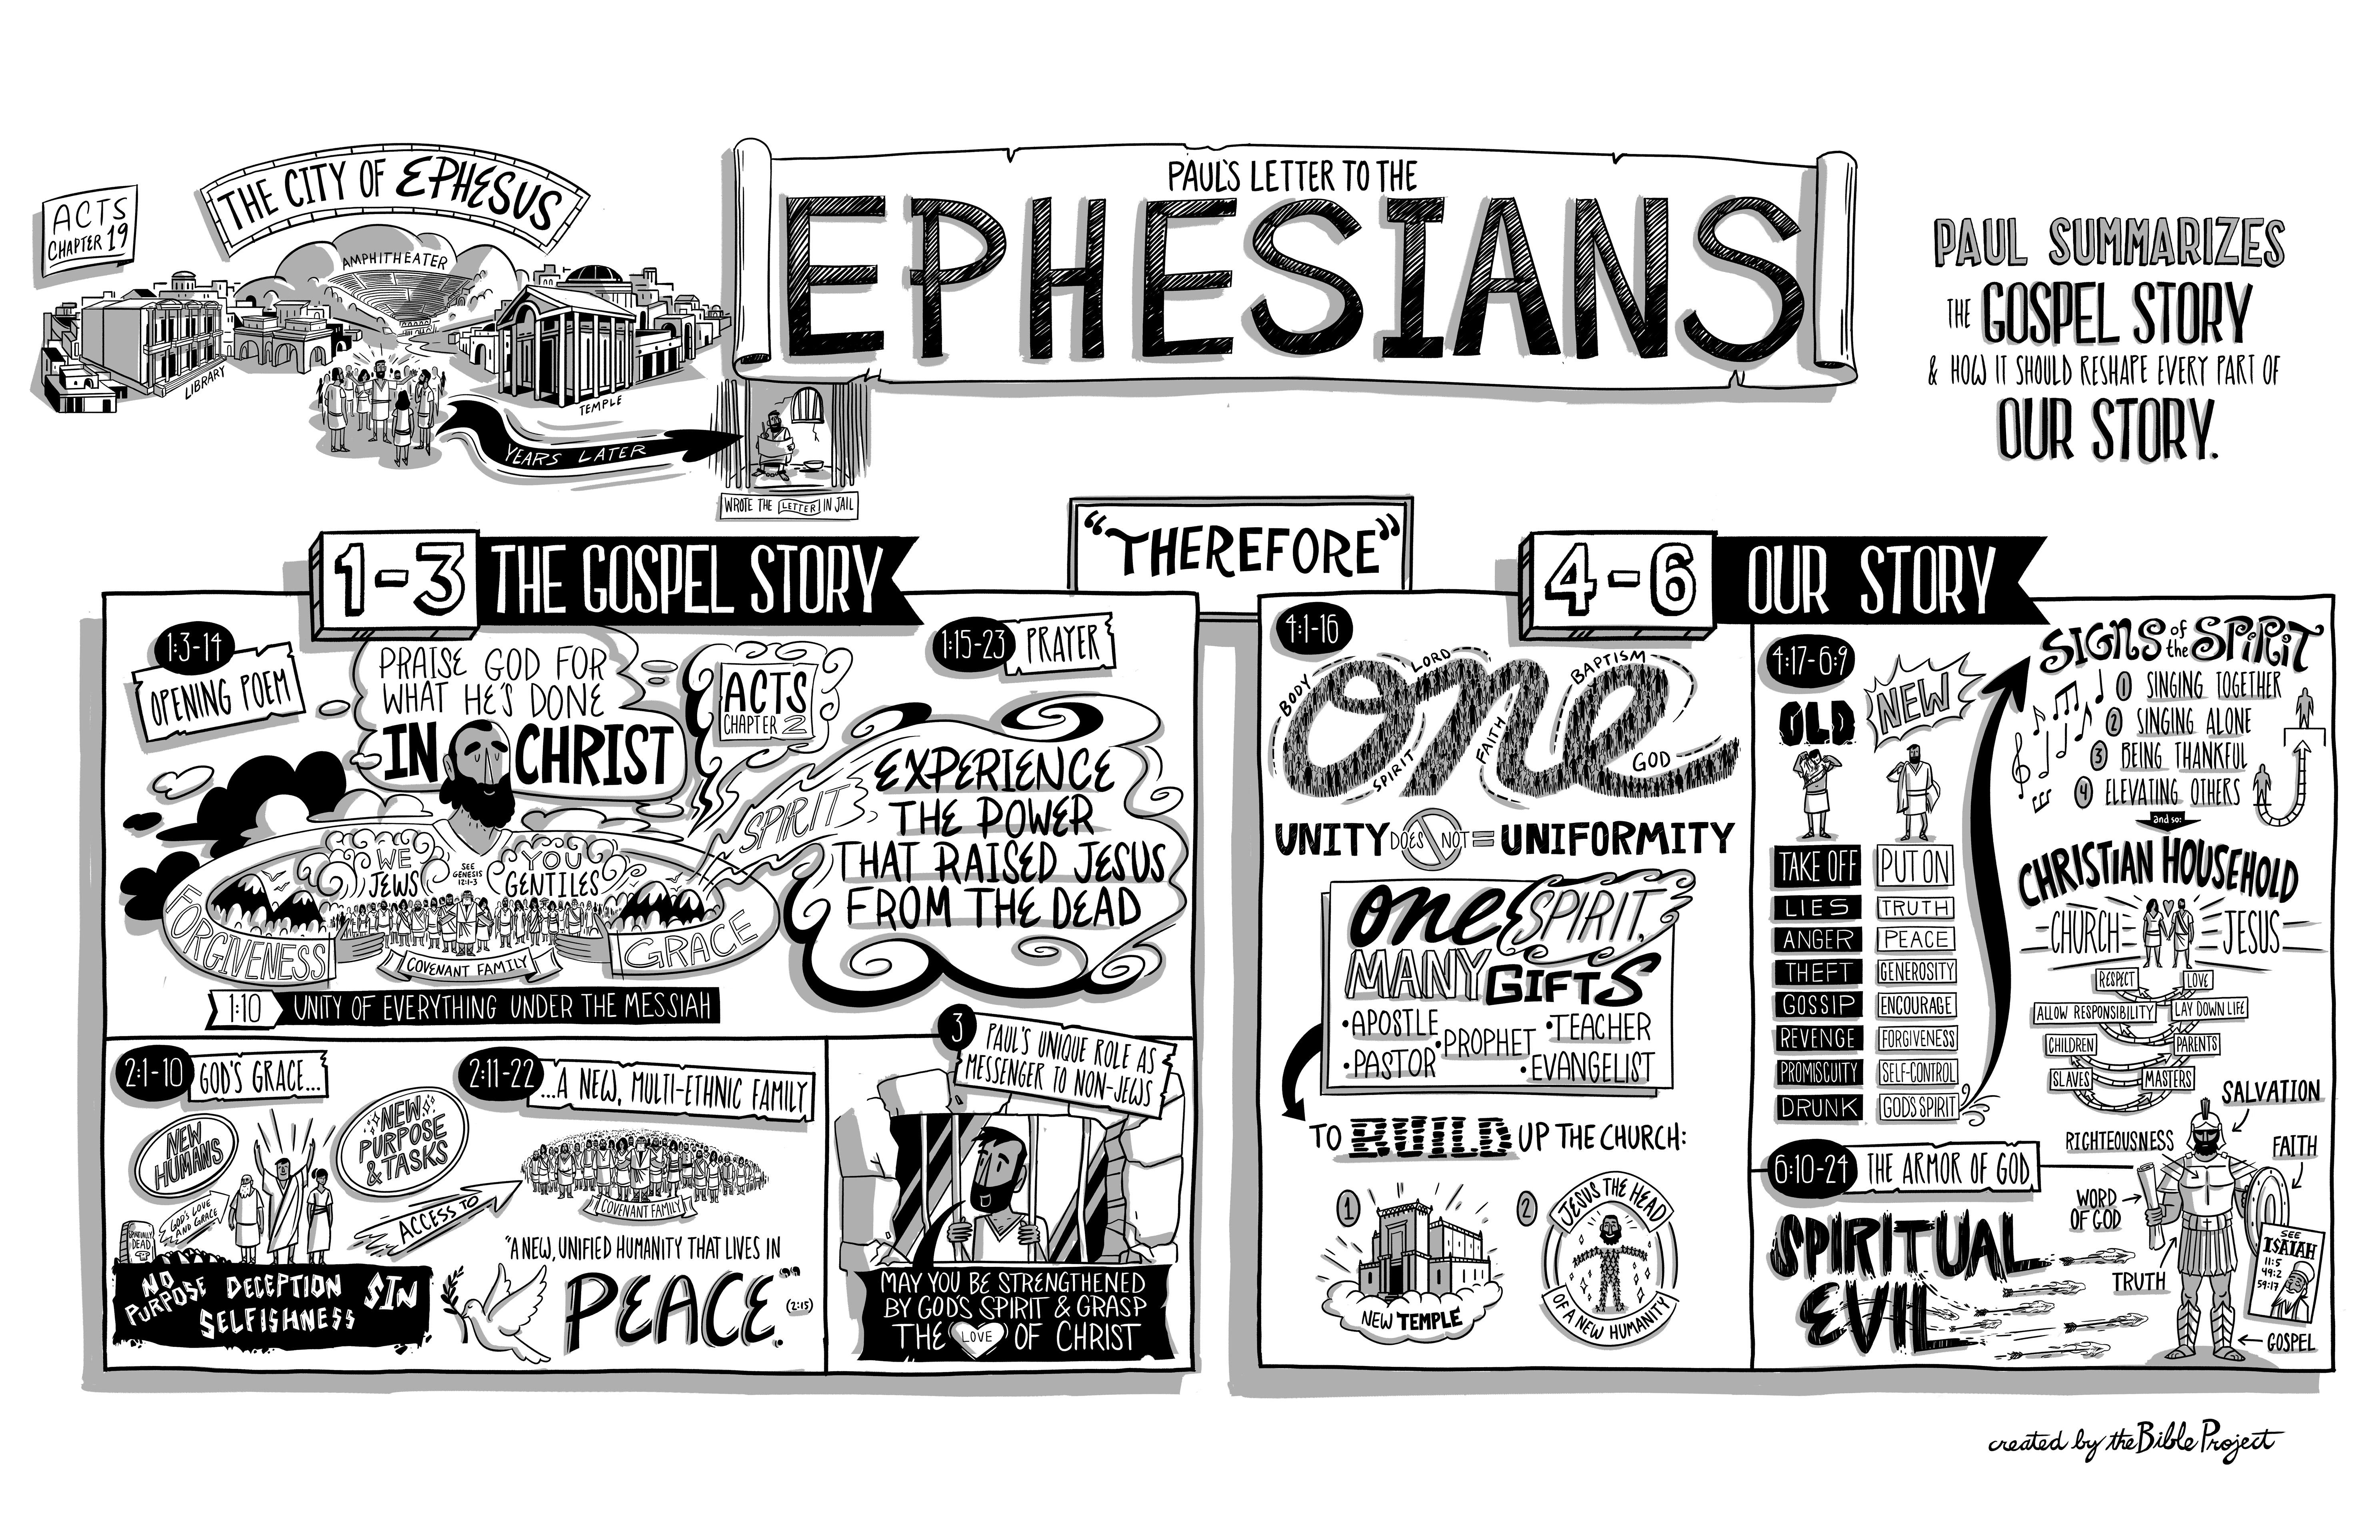 Epheser 1:1-3 – Reich gemacht durch Jesus Christus